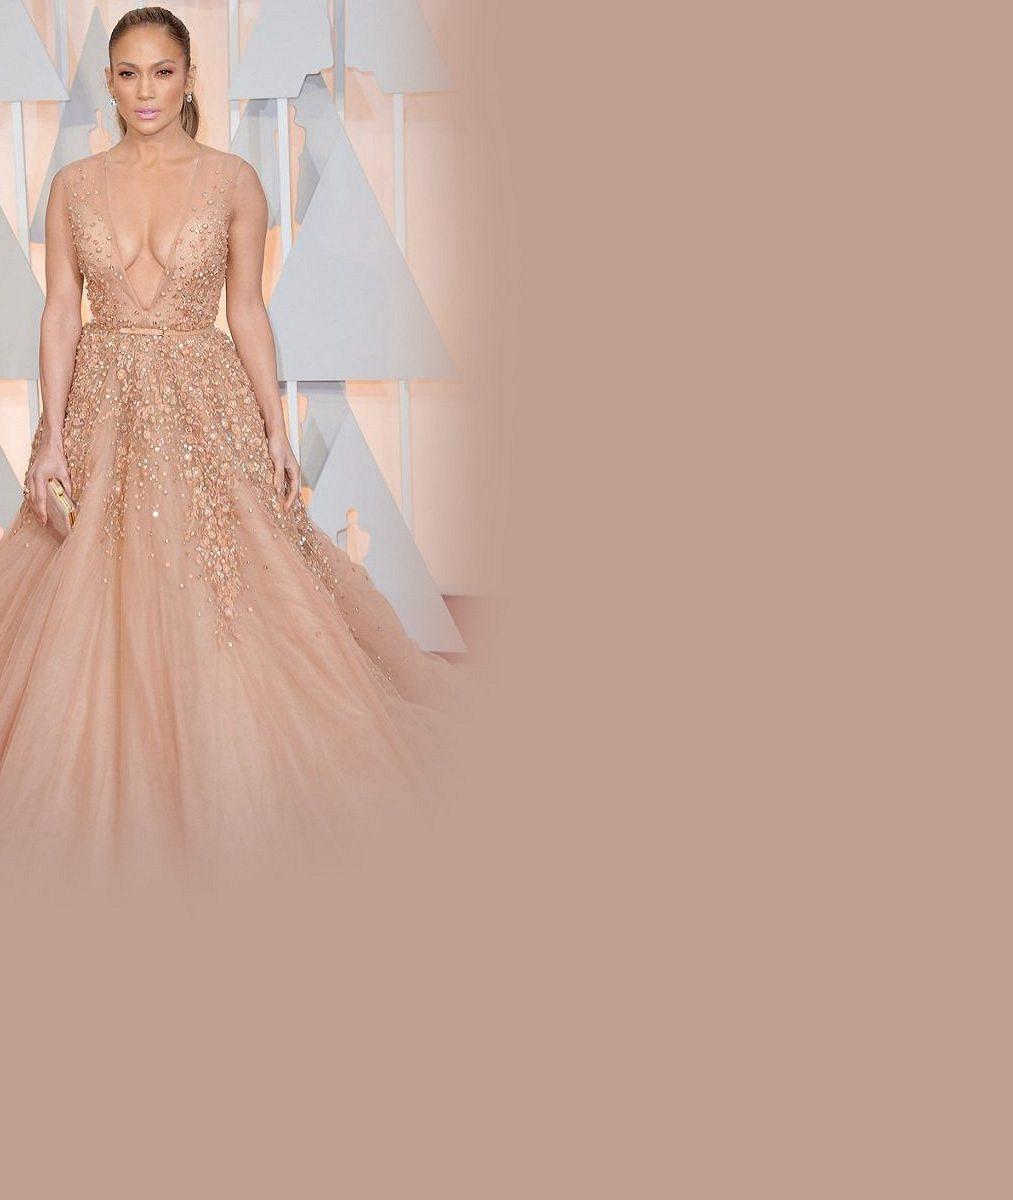 Ta nejlepší móda z Oscarů: Hluboké výstřihy, vysoké rozparky, šperky za milióny a vznešenost aristokracie